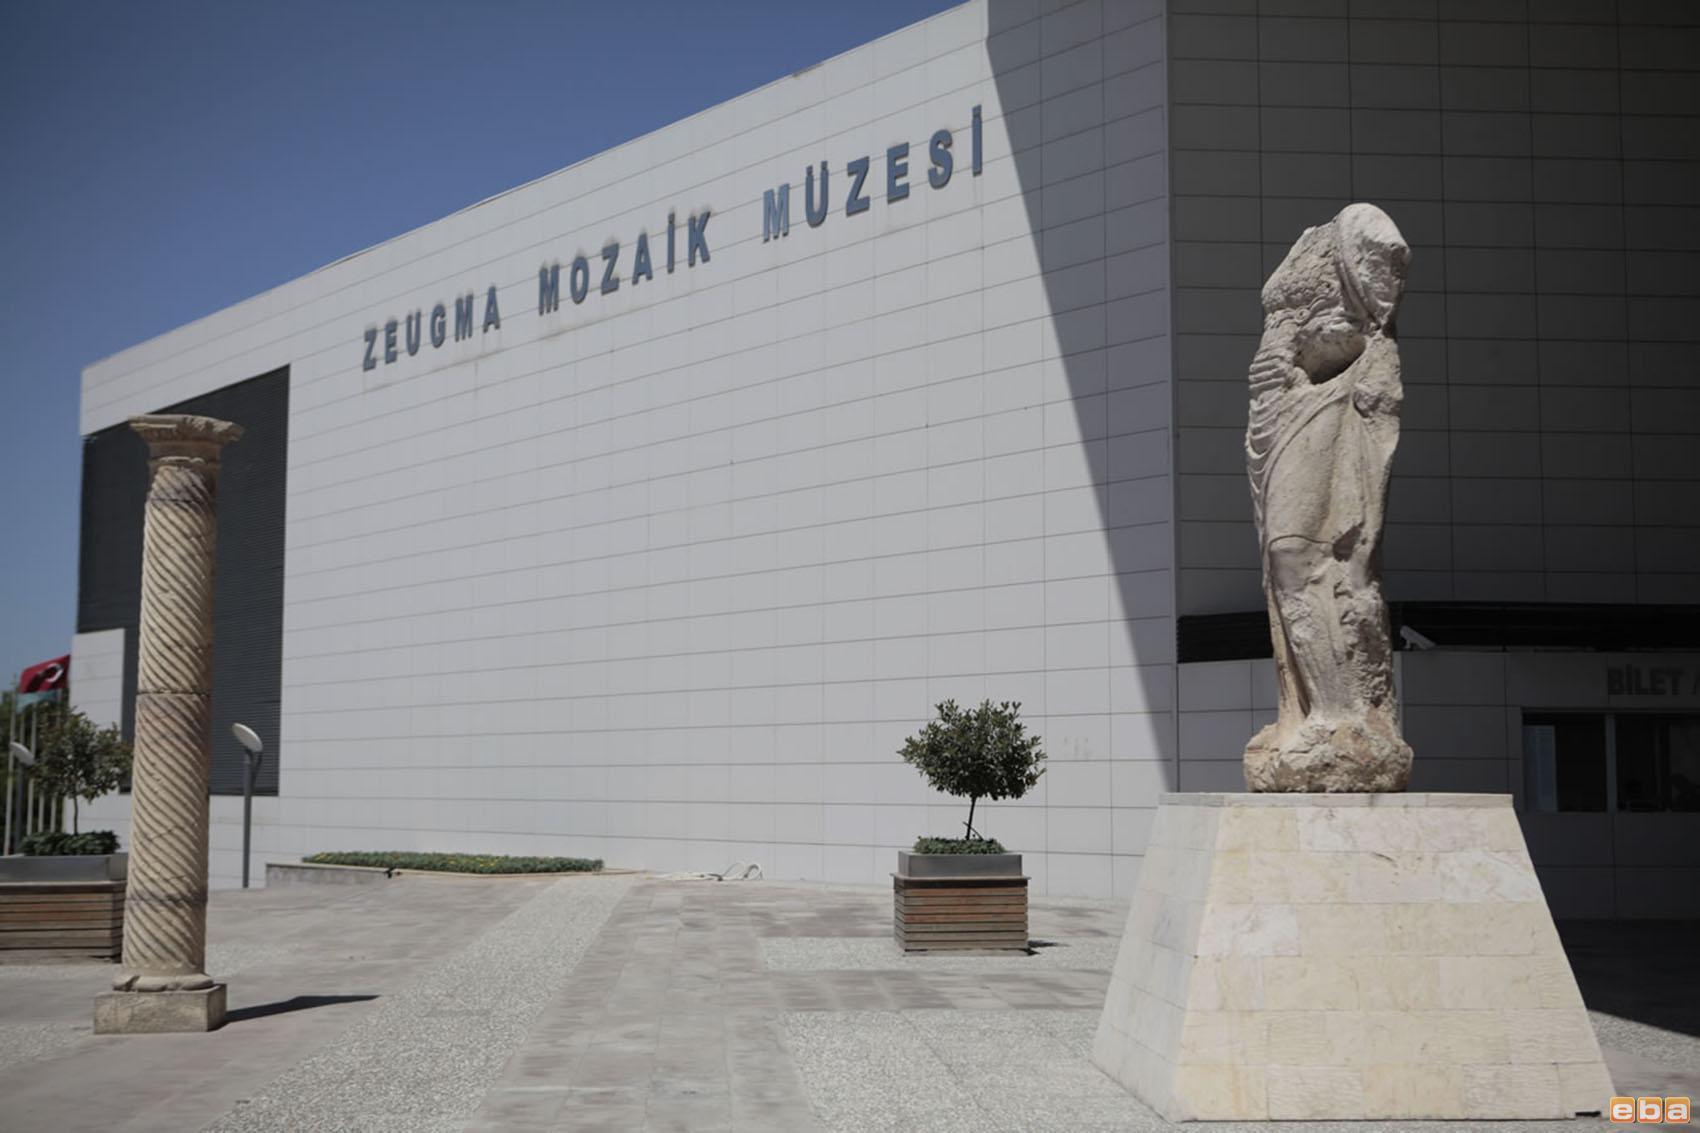 Zeugma-Müzesi